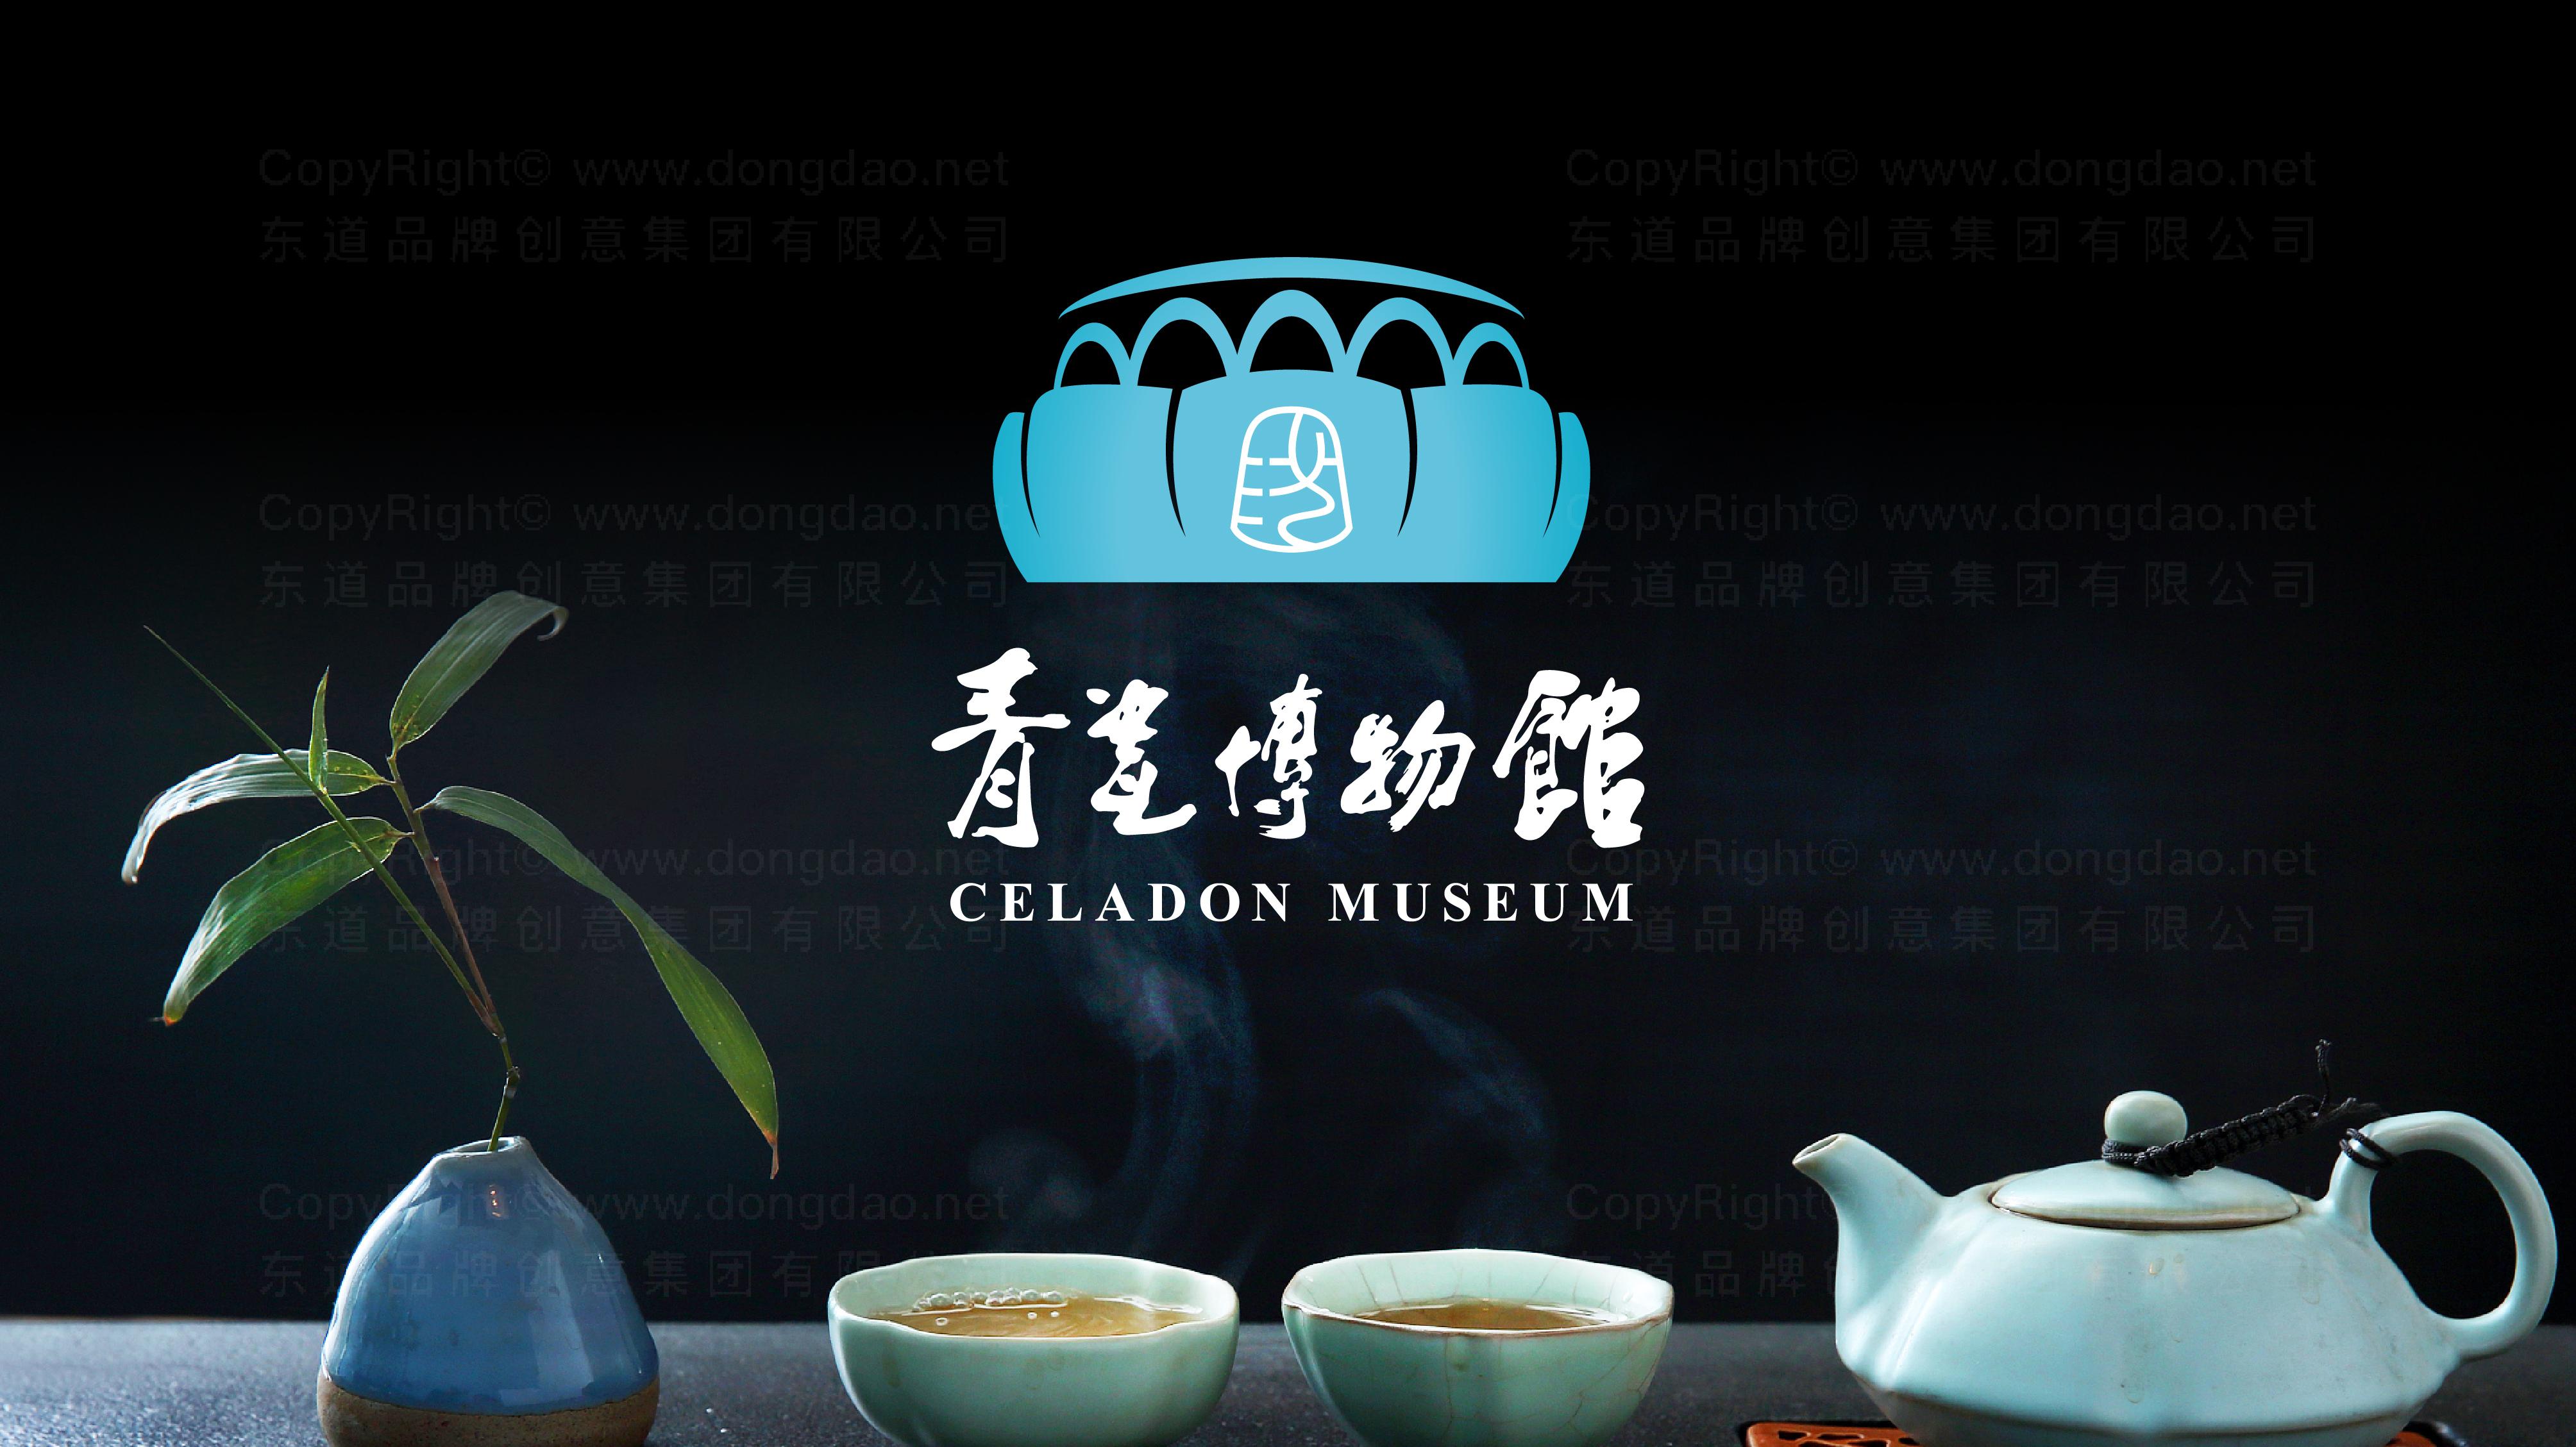 品牌设计青瓷博物馆logo设计、vi设计应用